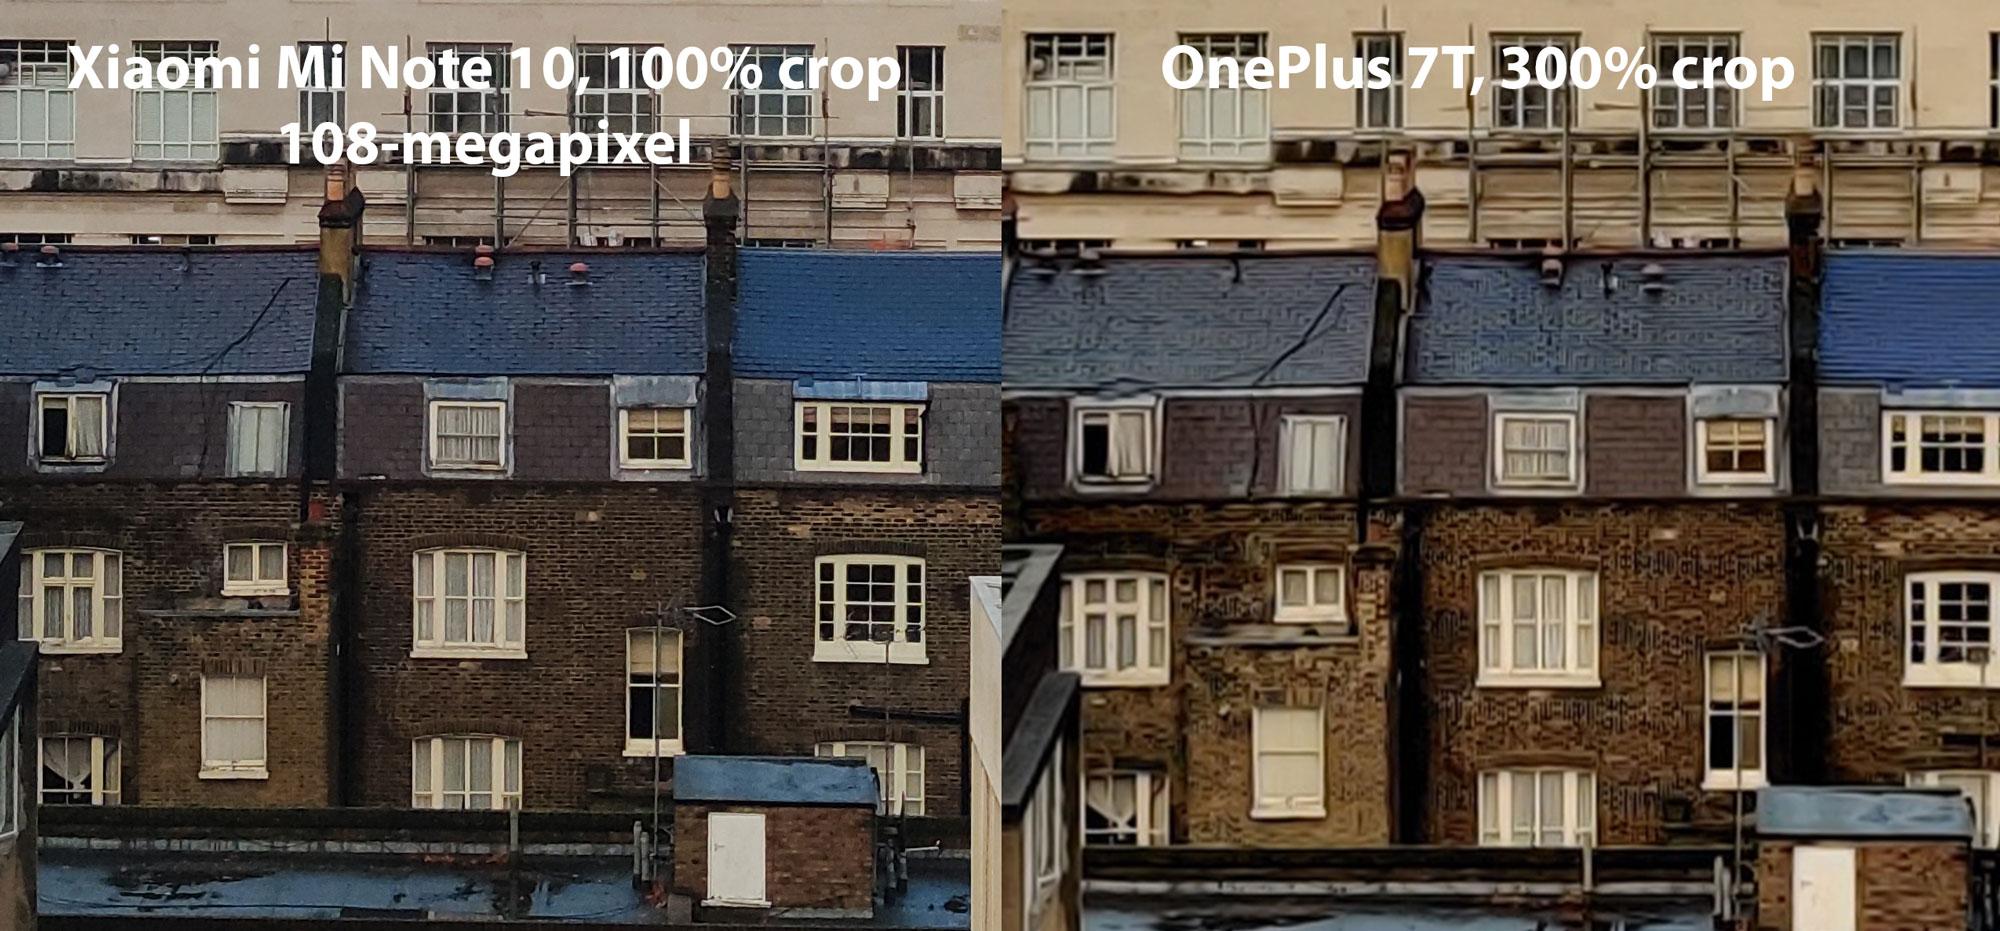 xiaomi-mi-note-10-camera-comparison-oneplus-7t.jpg